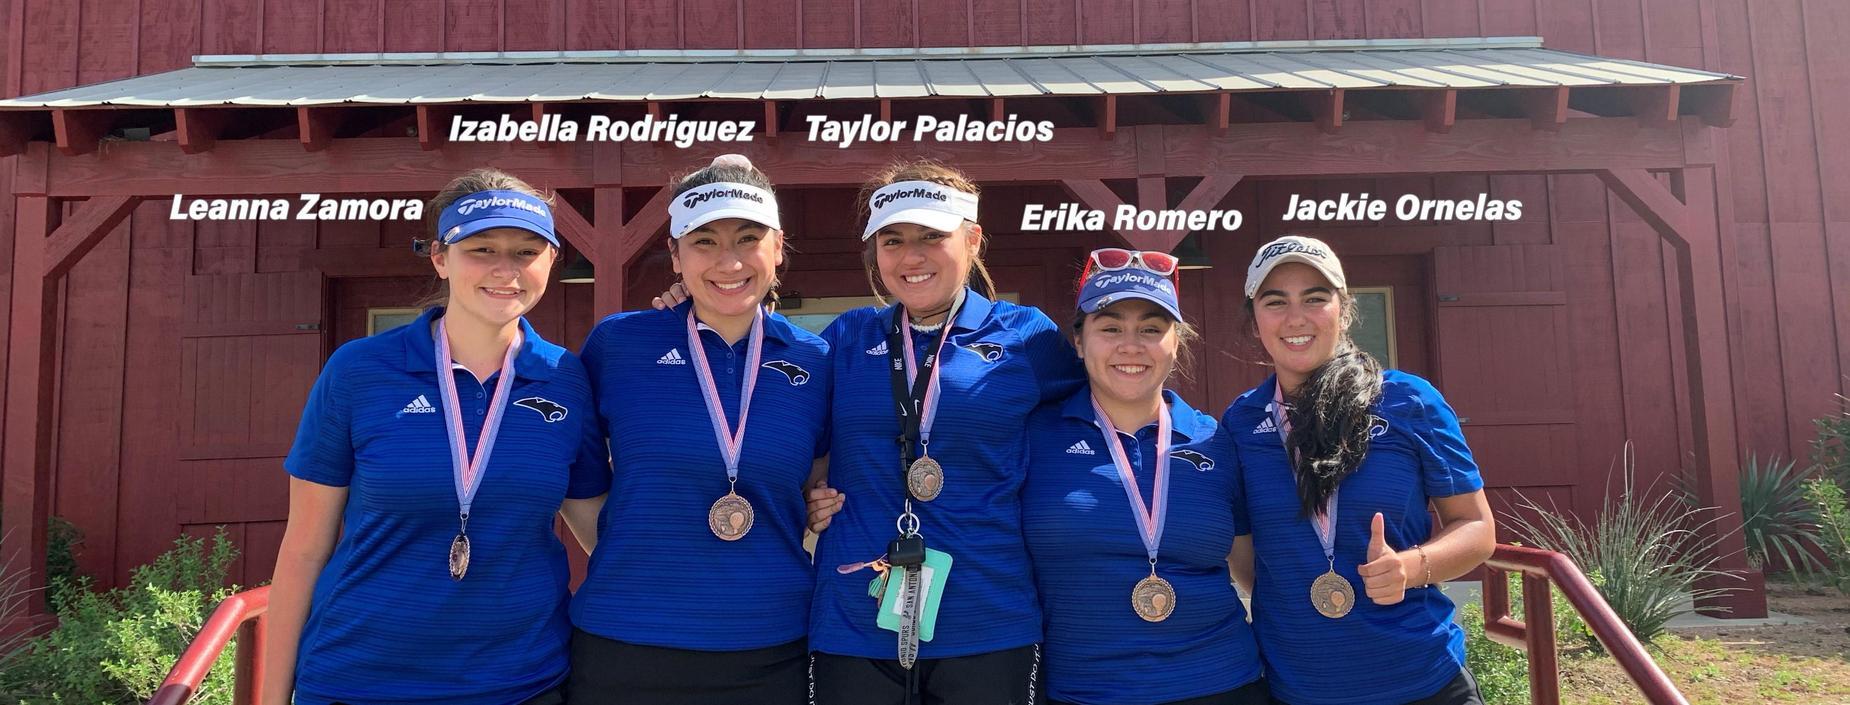 Golf Varsity Girls 3rd Place Region IV 6A Pre-Regional